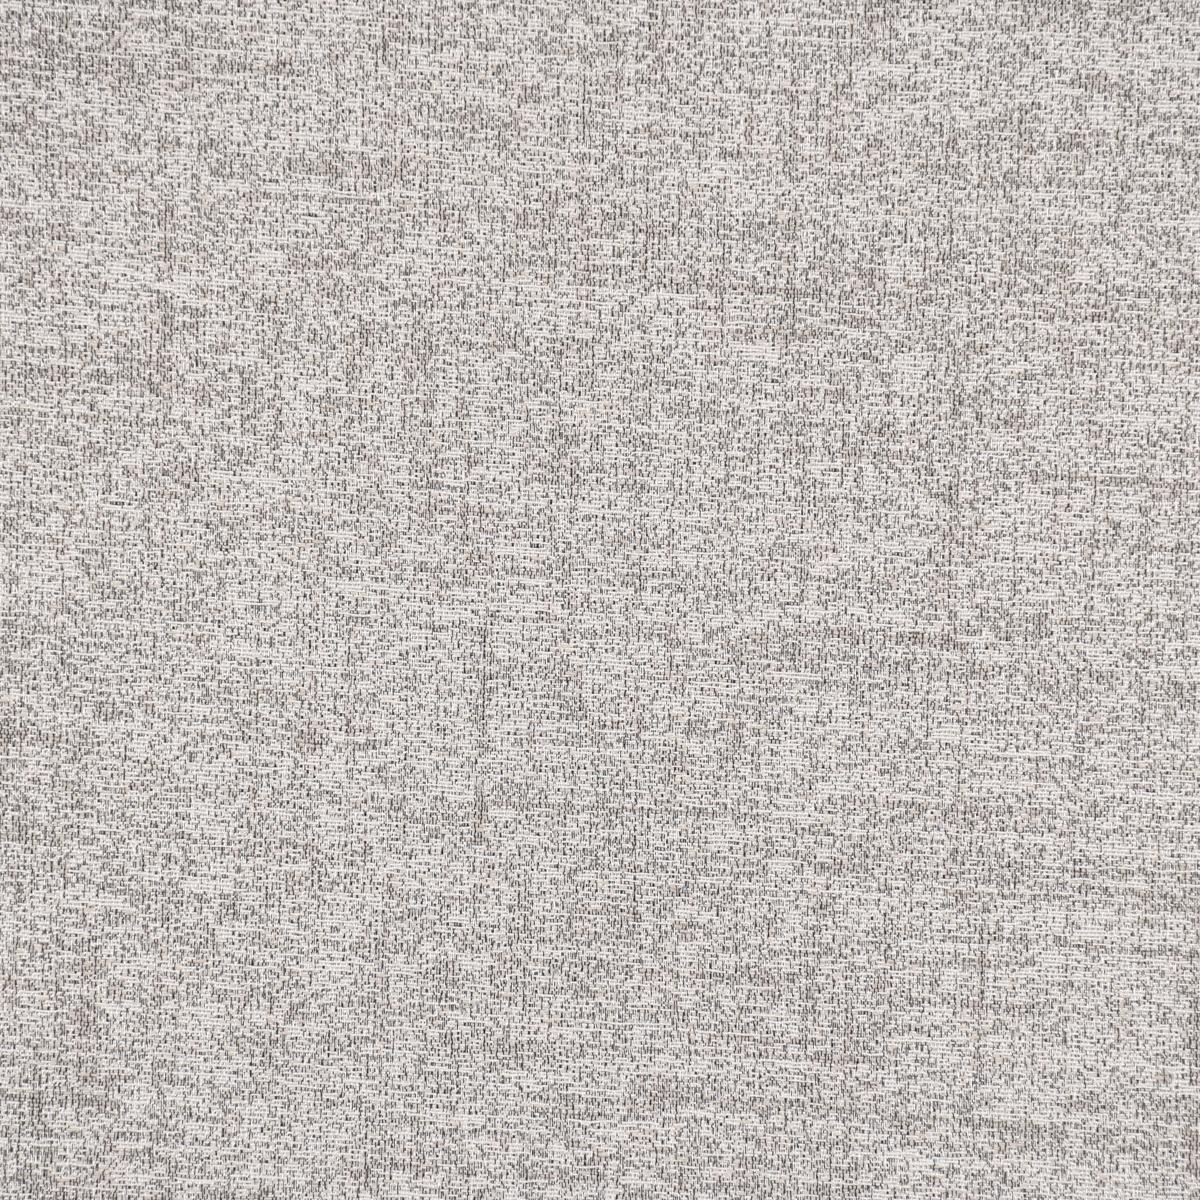 Rasch Textil Dekostoff Gardinenstoff Rio raumhoch meliert steingrau 280cm